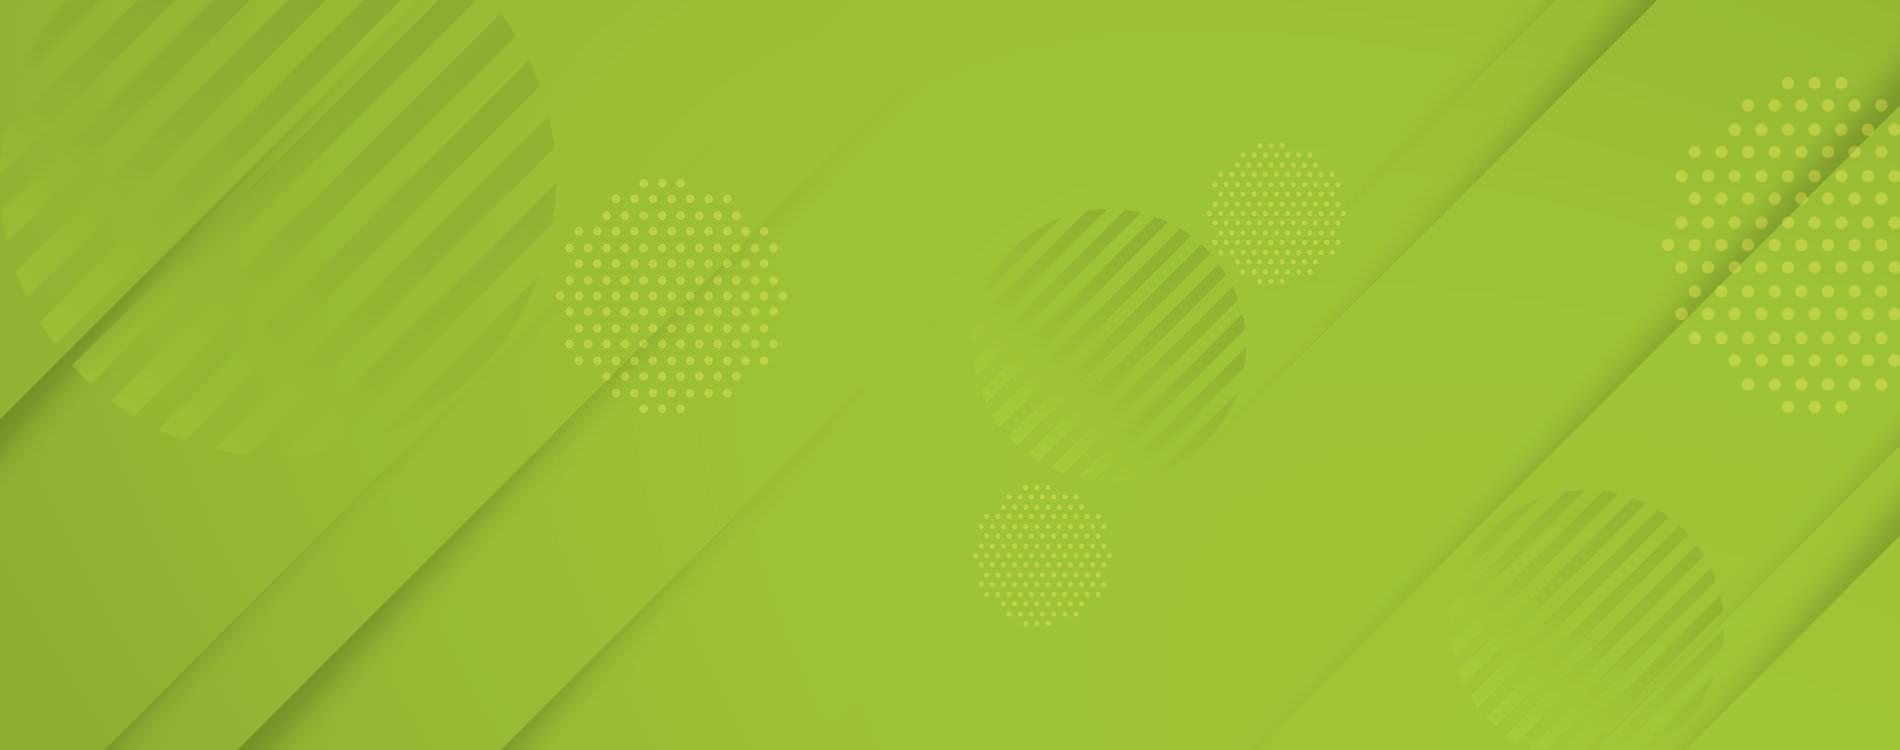 Background para a seção parallax - Serviços 5D